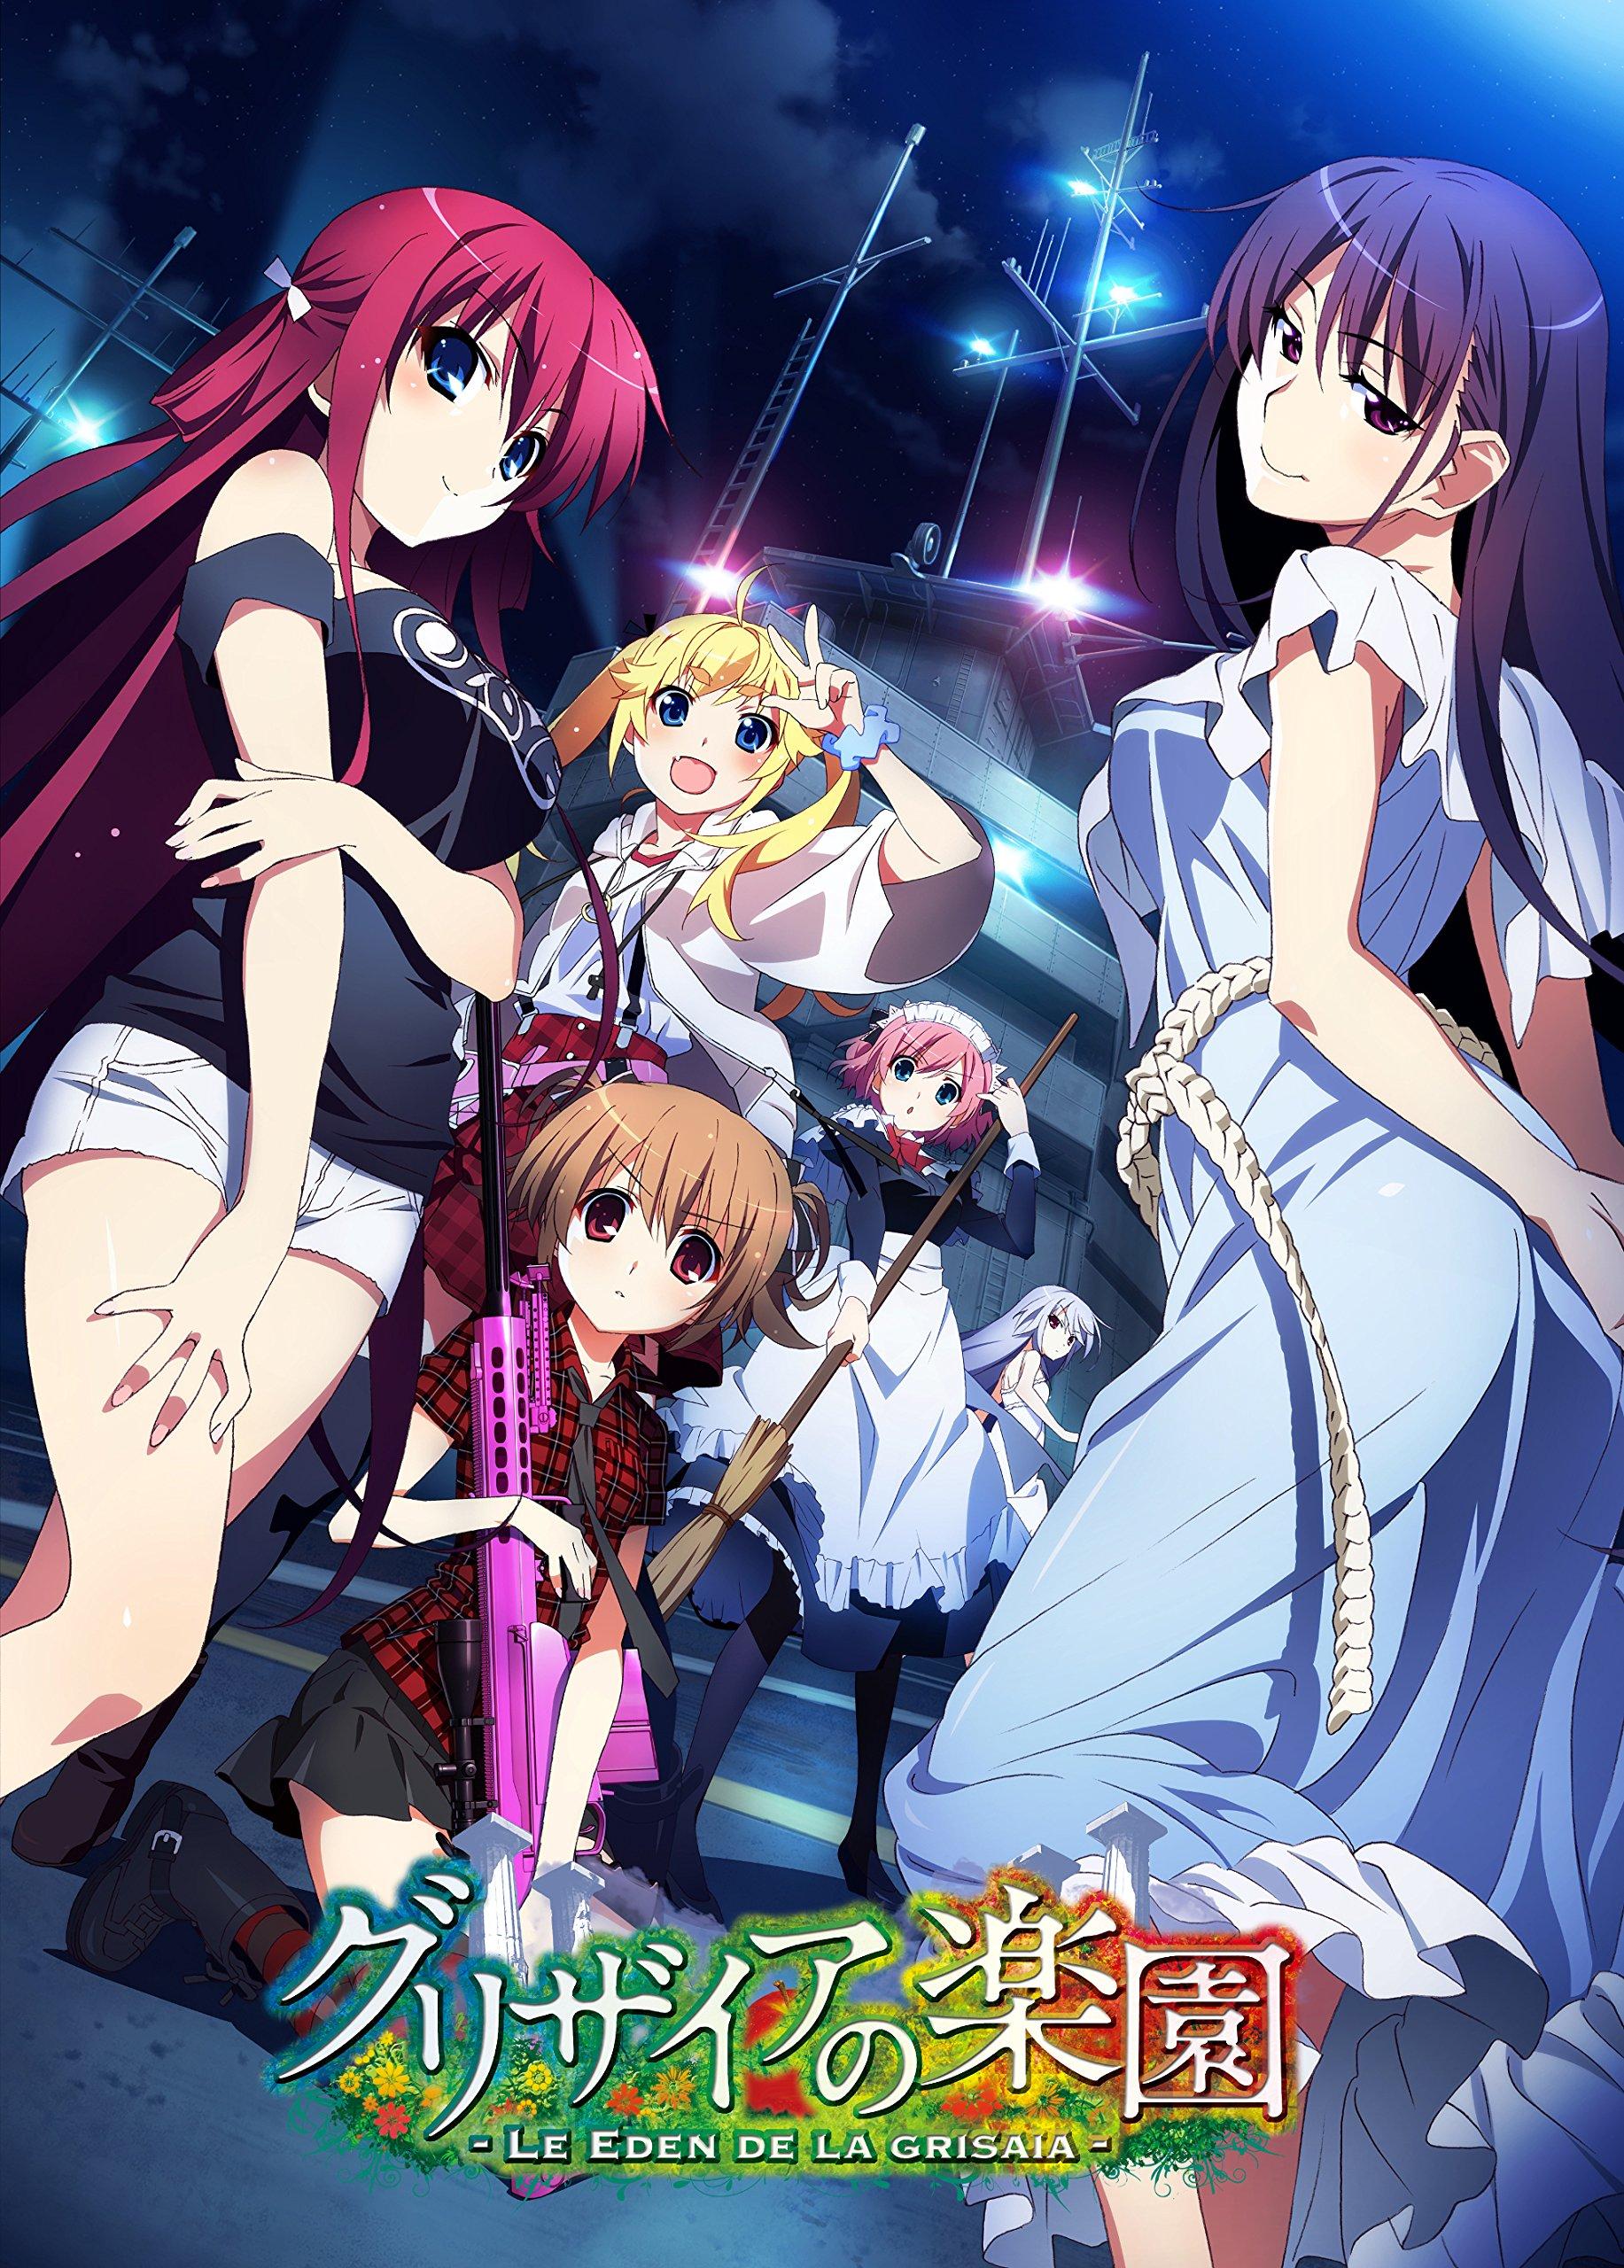 Grisaia no Rakuen Sanctuary Fellows JAPAN Le Fruit de la Grisaia Series manga